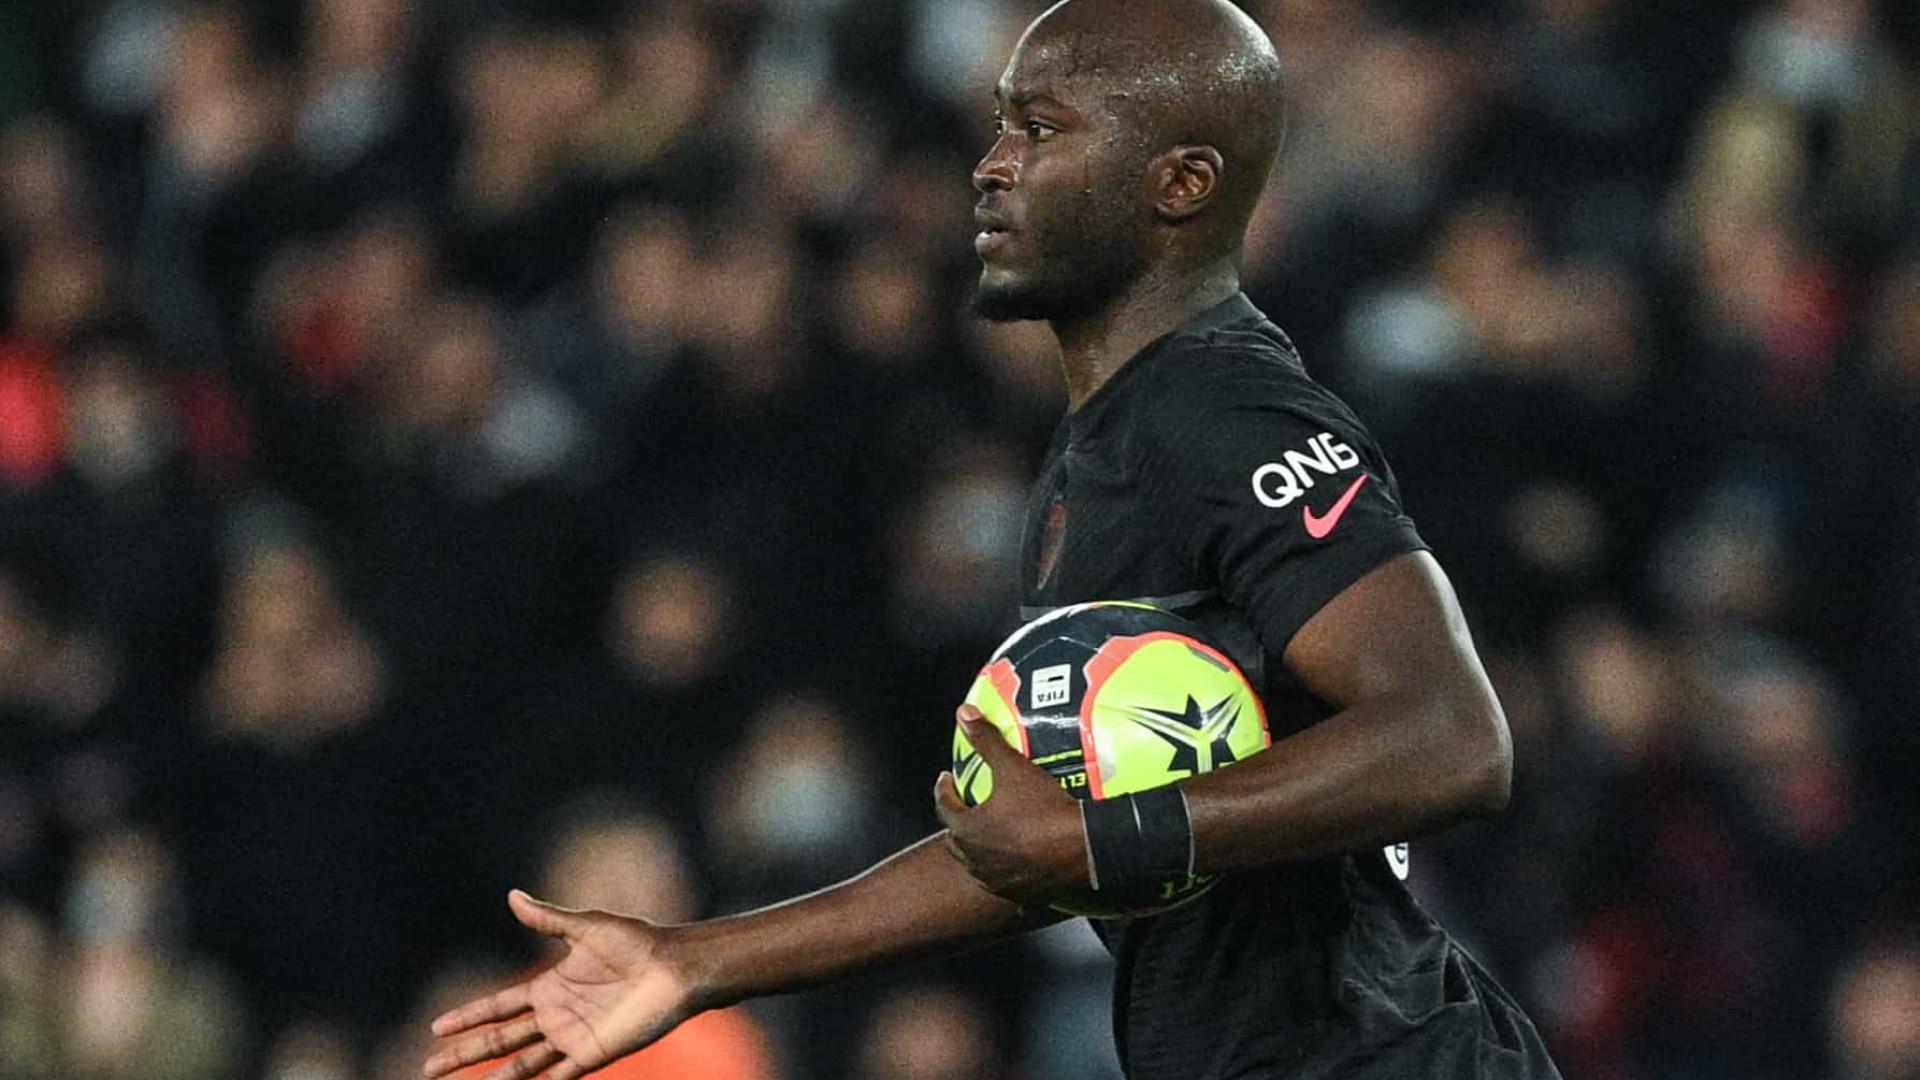 Danilo e Mbappé evitam novo escândalo do PSG no campeonato